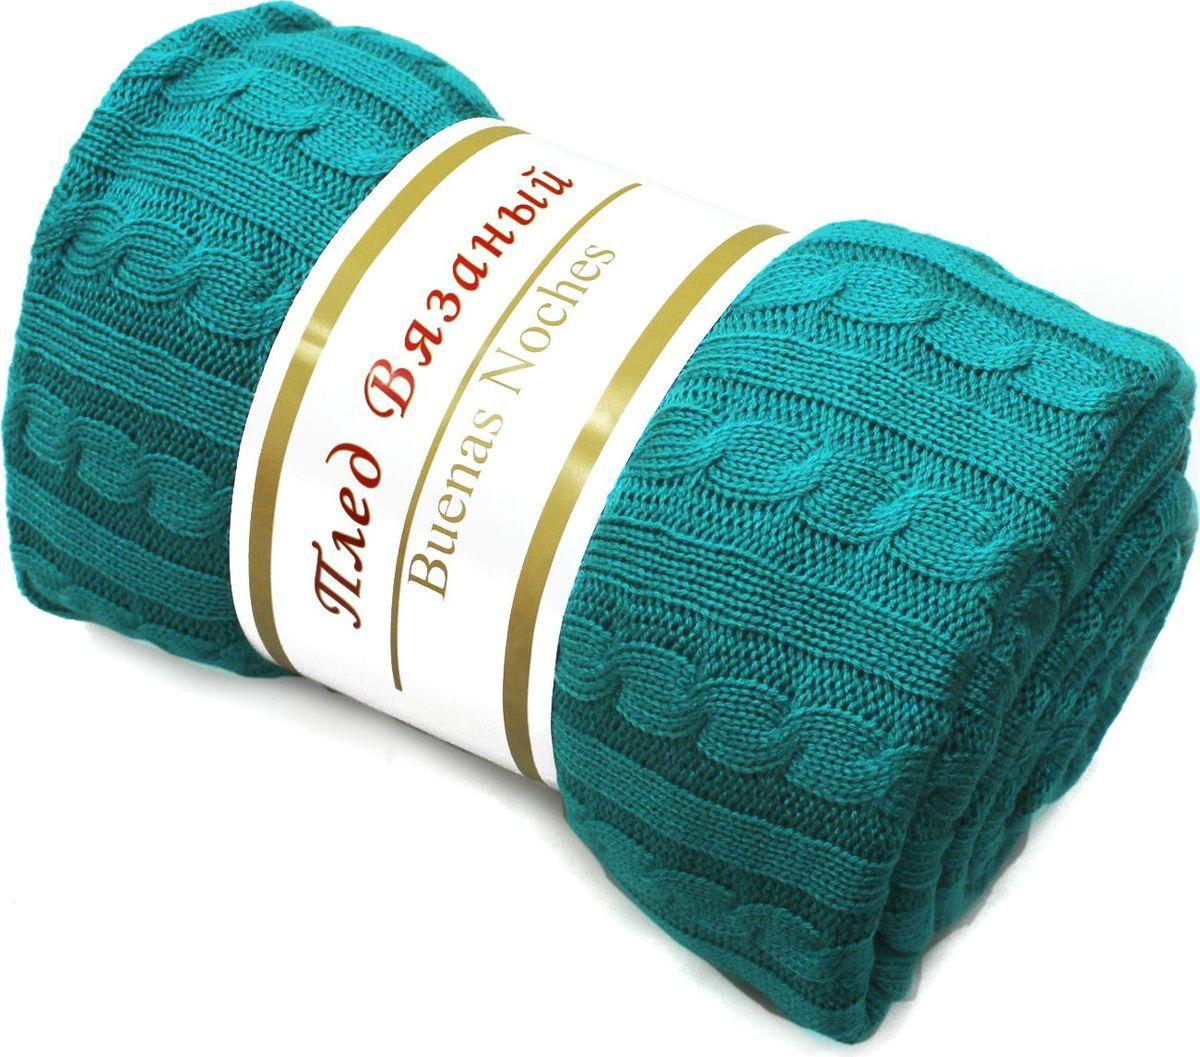 Плед Buenas Noches, цвет: бирюзовый, 130 х 160 см. 8511885118Вязаный плед Buenas Noches - идеальное решение для вашего интерьера. Вязаные пледы -мягкие, легкие, теплые. Плед изготовлен из 100% акрила - современного высококачественногоматериала, который обладает замечательными свойствами. Изделия из акрила прекрасносохраняют форму, не деформируются, не мнутся, всегда выглядят аккуратно, сохраняют размер ипривлекательный внешний вид долгое время. Акрил идеален при использовании под открытымнебом, так как обладает свойством водоотталкивания и быстро высыхает. Материалгипоаллергенный, безопасный, стойкий к воздействию живых организмов, волокнам не страшнаплесень.Плед мягкий, приятный на ощупь, великолепный на вид, он обладает низкой теплопроводностью,замечательно сохраняет тепло. Беспрецедентная стойкость и ровность красок позволит пледуне выгореть на солнце и остаться первозданно ярким в течение продолжительного времени. Рекомендации по уходу:- Ручная стирка,- Не отбеливать,- Гладить при низкой температуре,- Щадящий отжим и сушка.